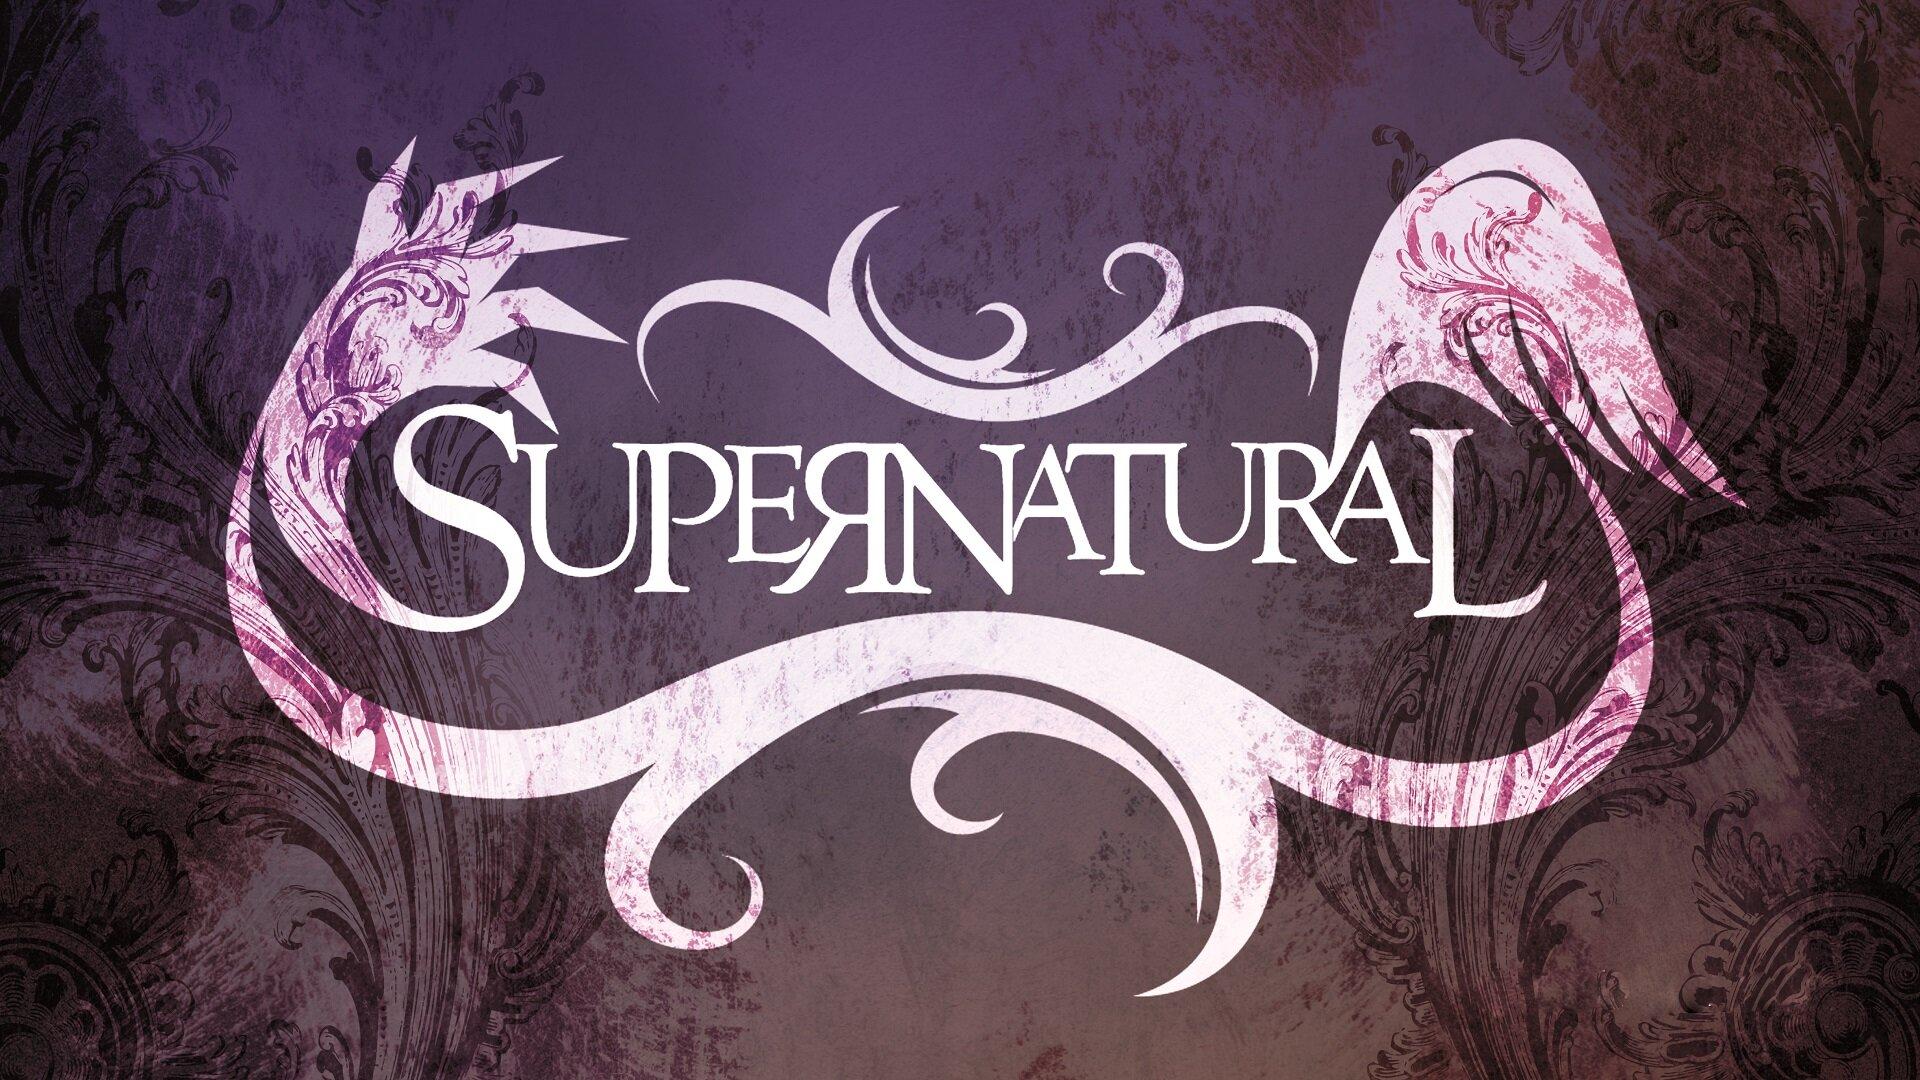 - Supernatural 3: The Spirit Filled LifeOctober 6, 2019Speaker: JJ Williams